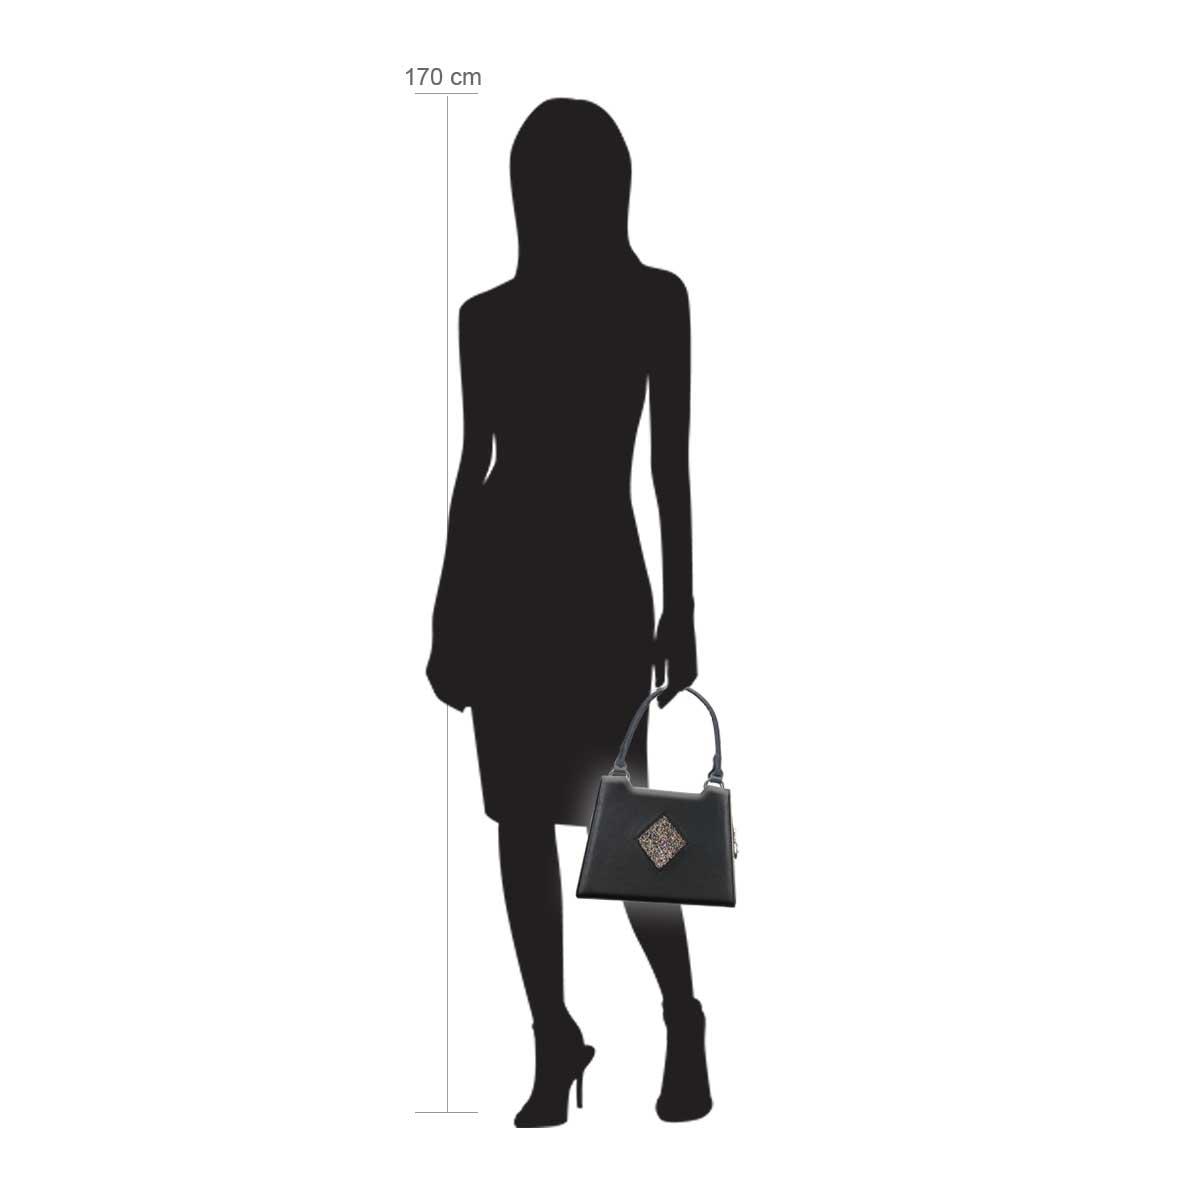 Modellpuppe 170 cm groß zeigt die Handtaschengröße an der Person Modell:Dublin Glitzer